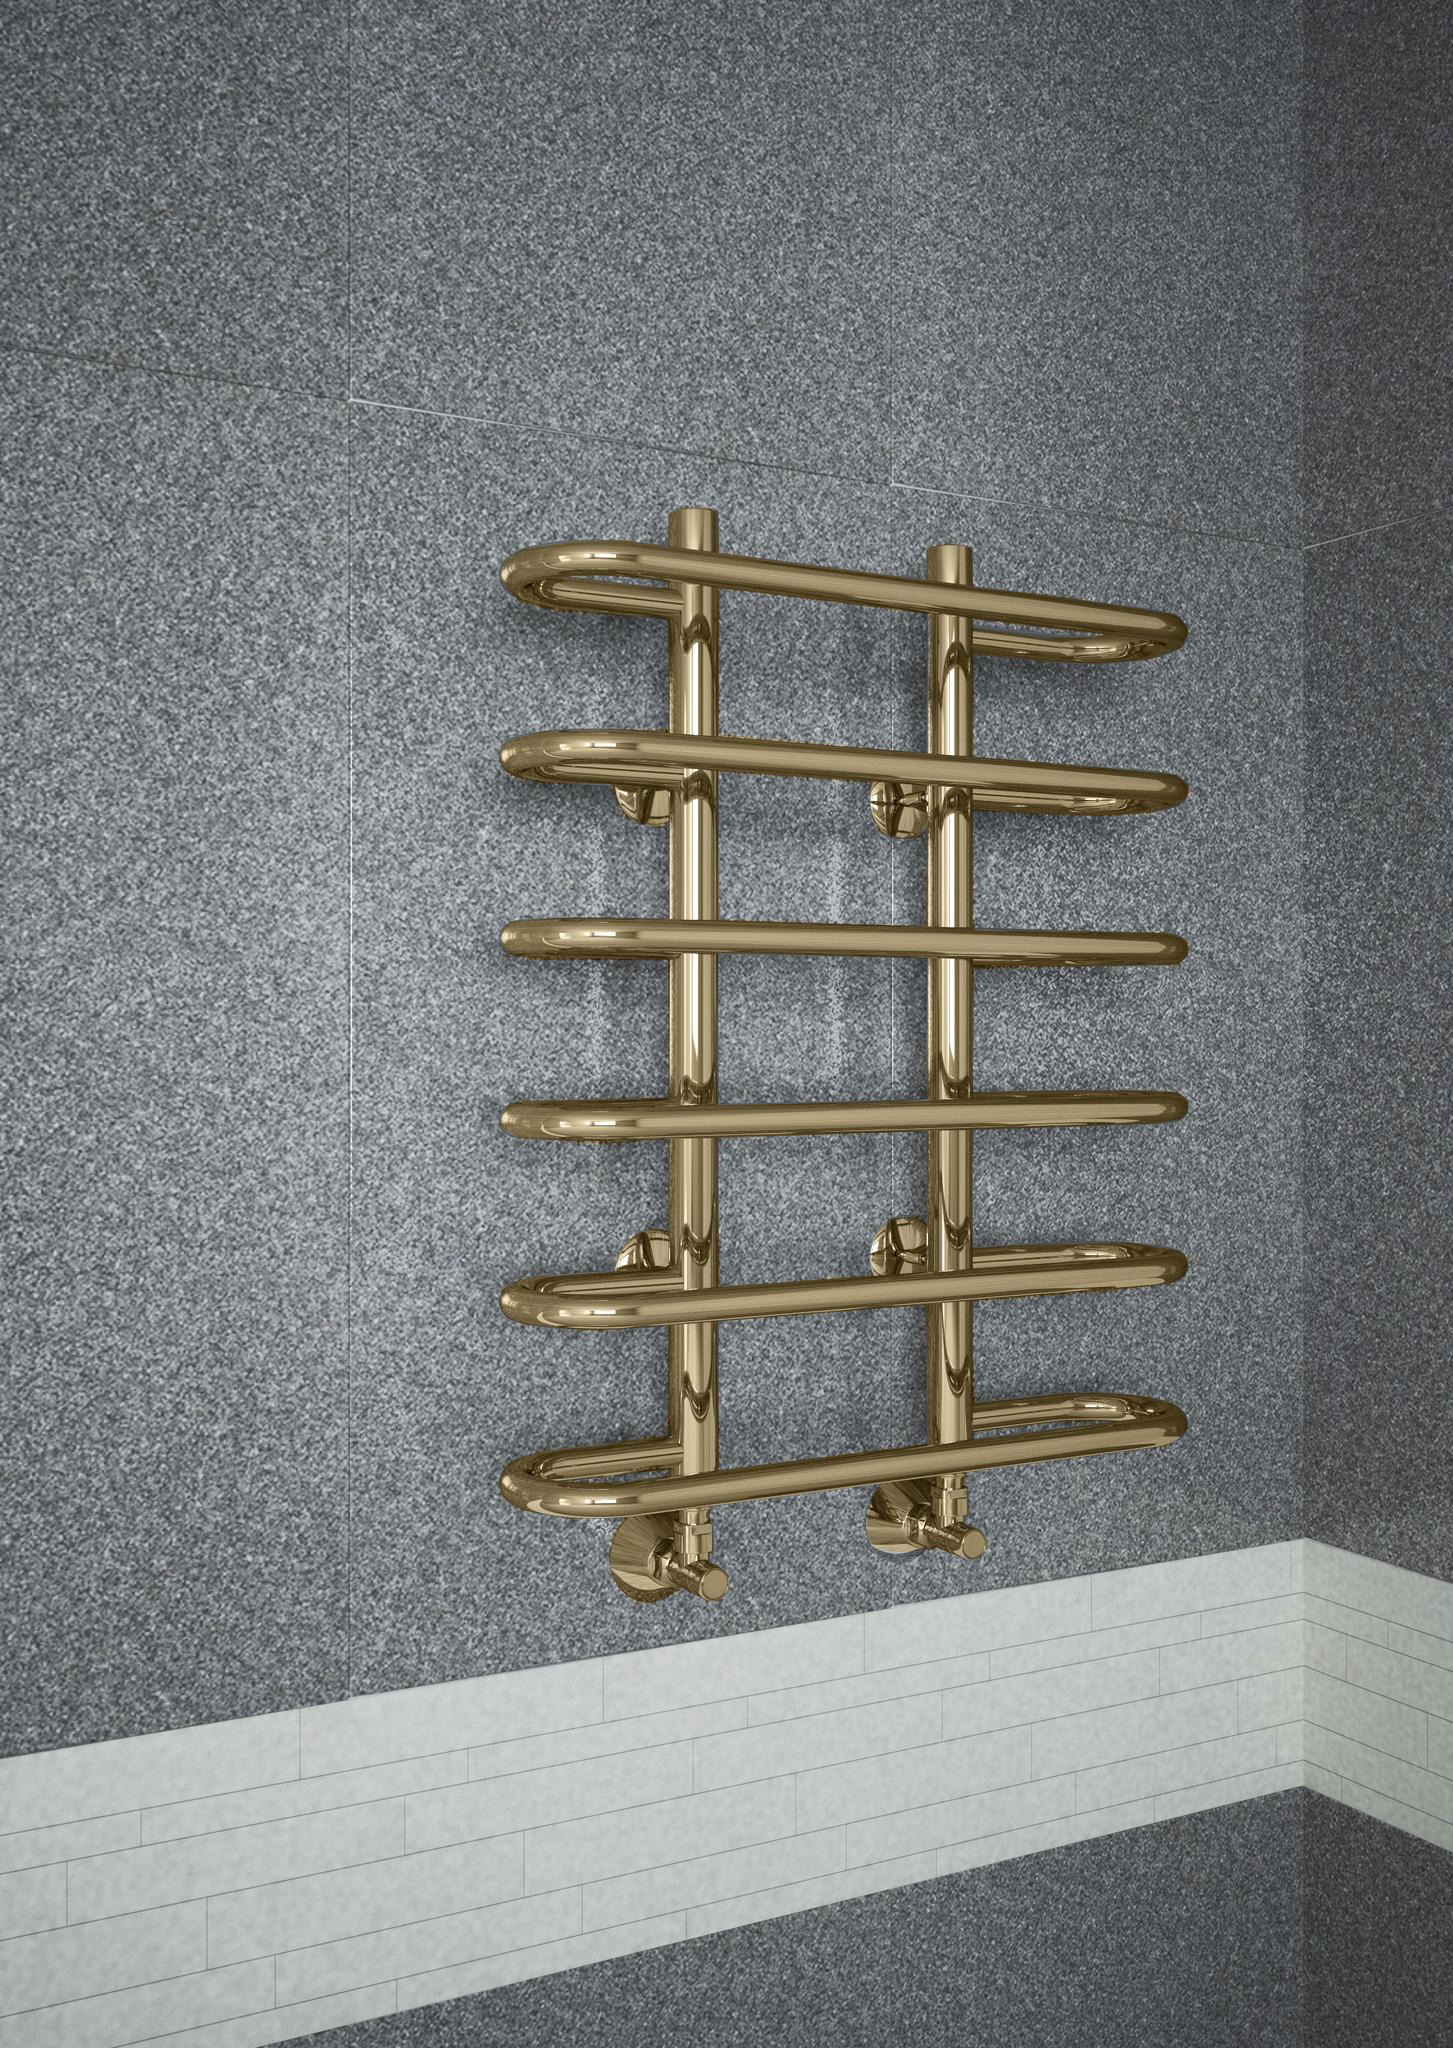 Sahara Bronze - бронзовый полотенцесушитель с закругленными перекладинами. Бронза.